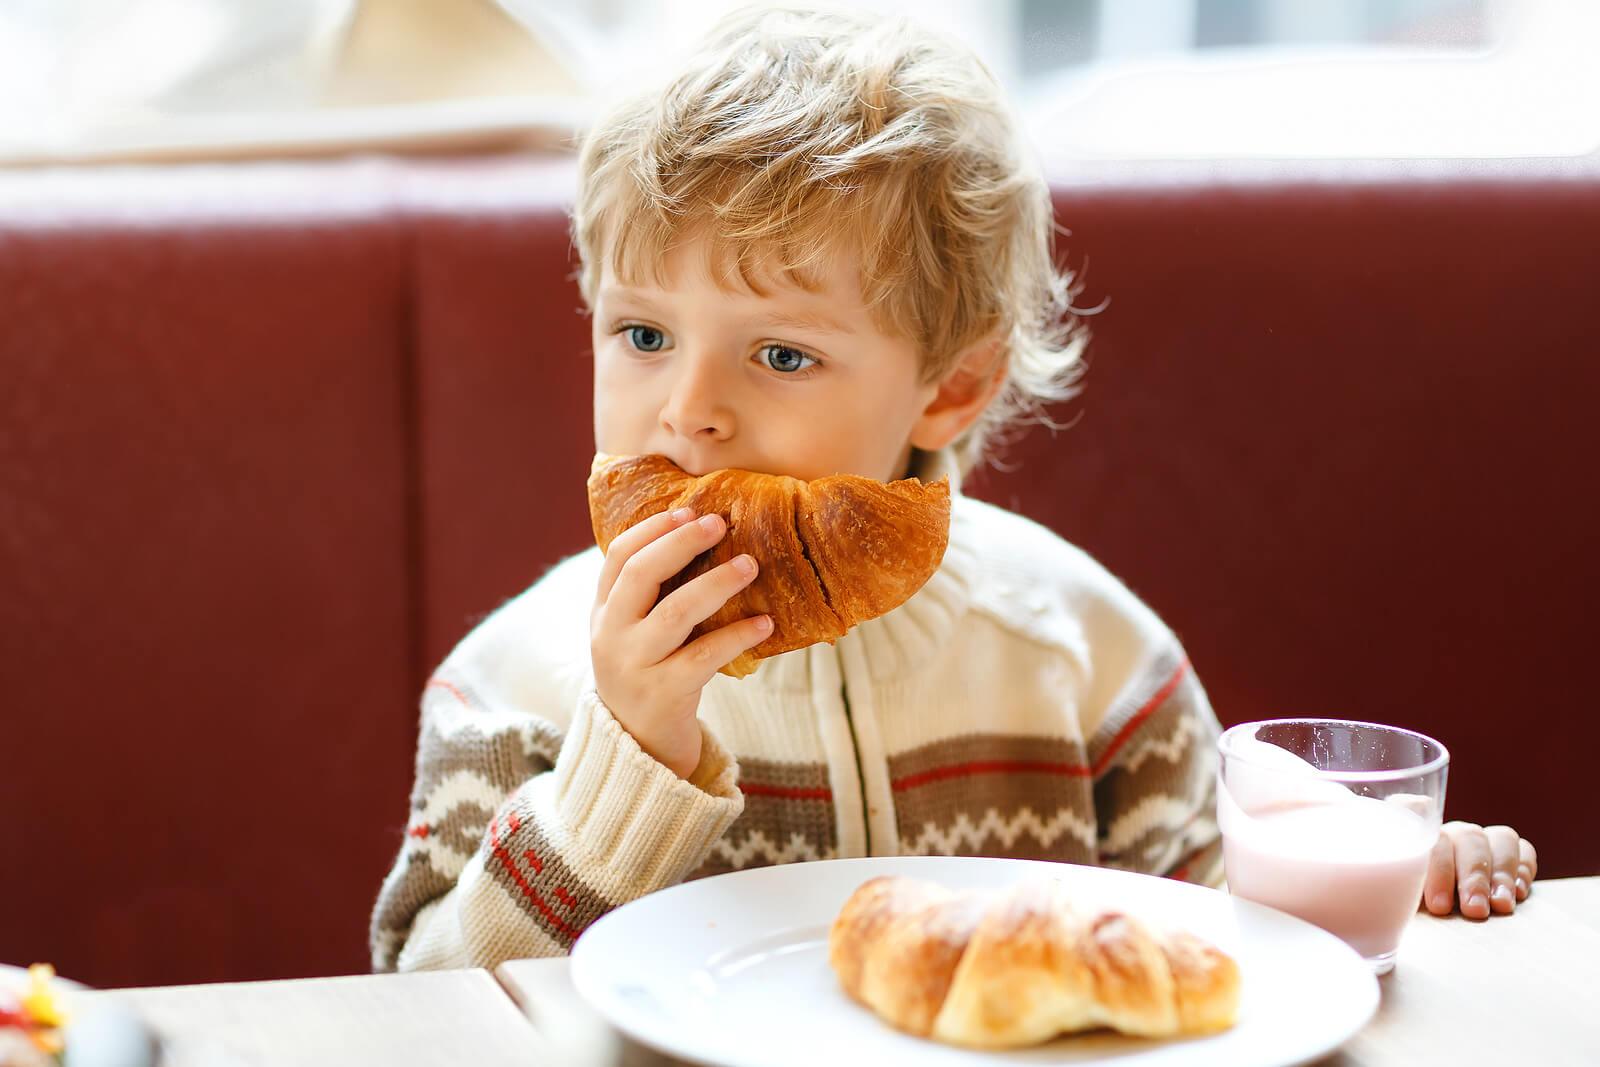 ¿Por qué los niños no deben abusar de los alimentos ultraprocesados?